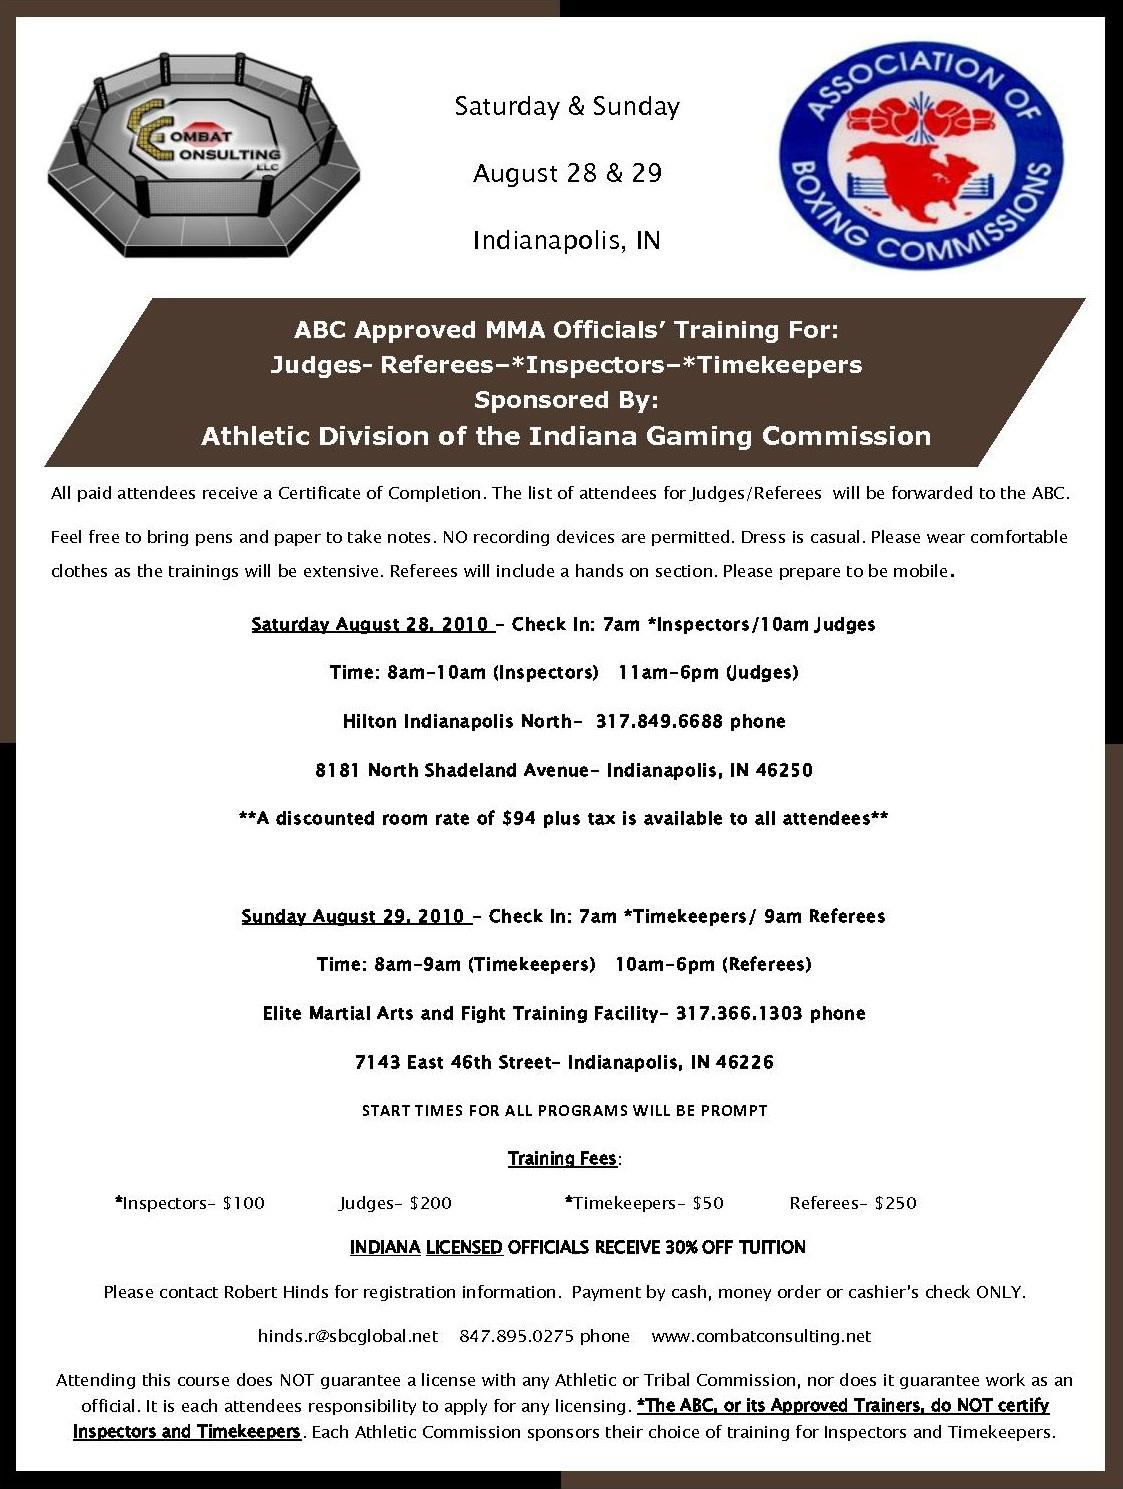 Mma Judges Referees Inspectors Timekeeper Training Aug 28 29